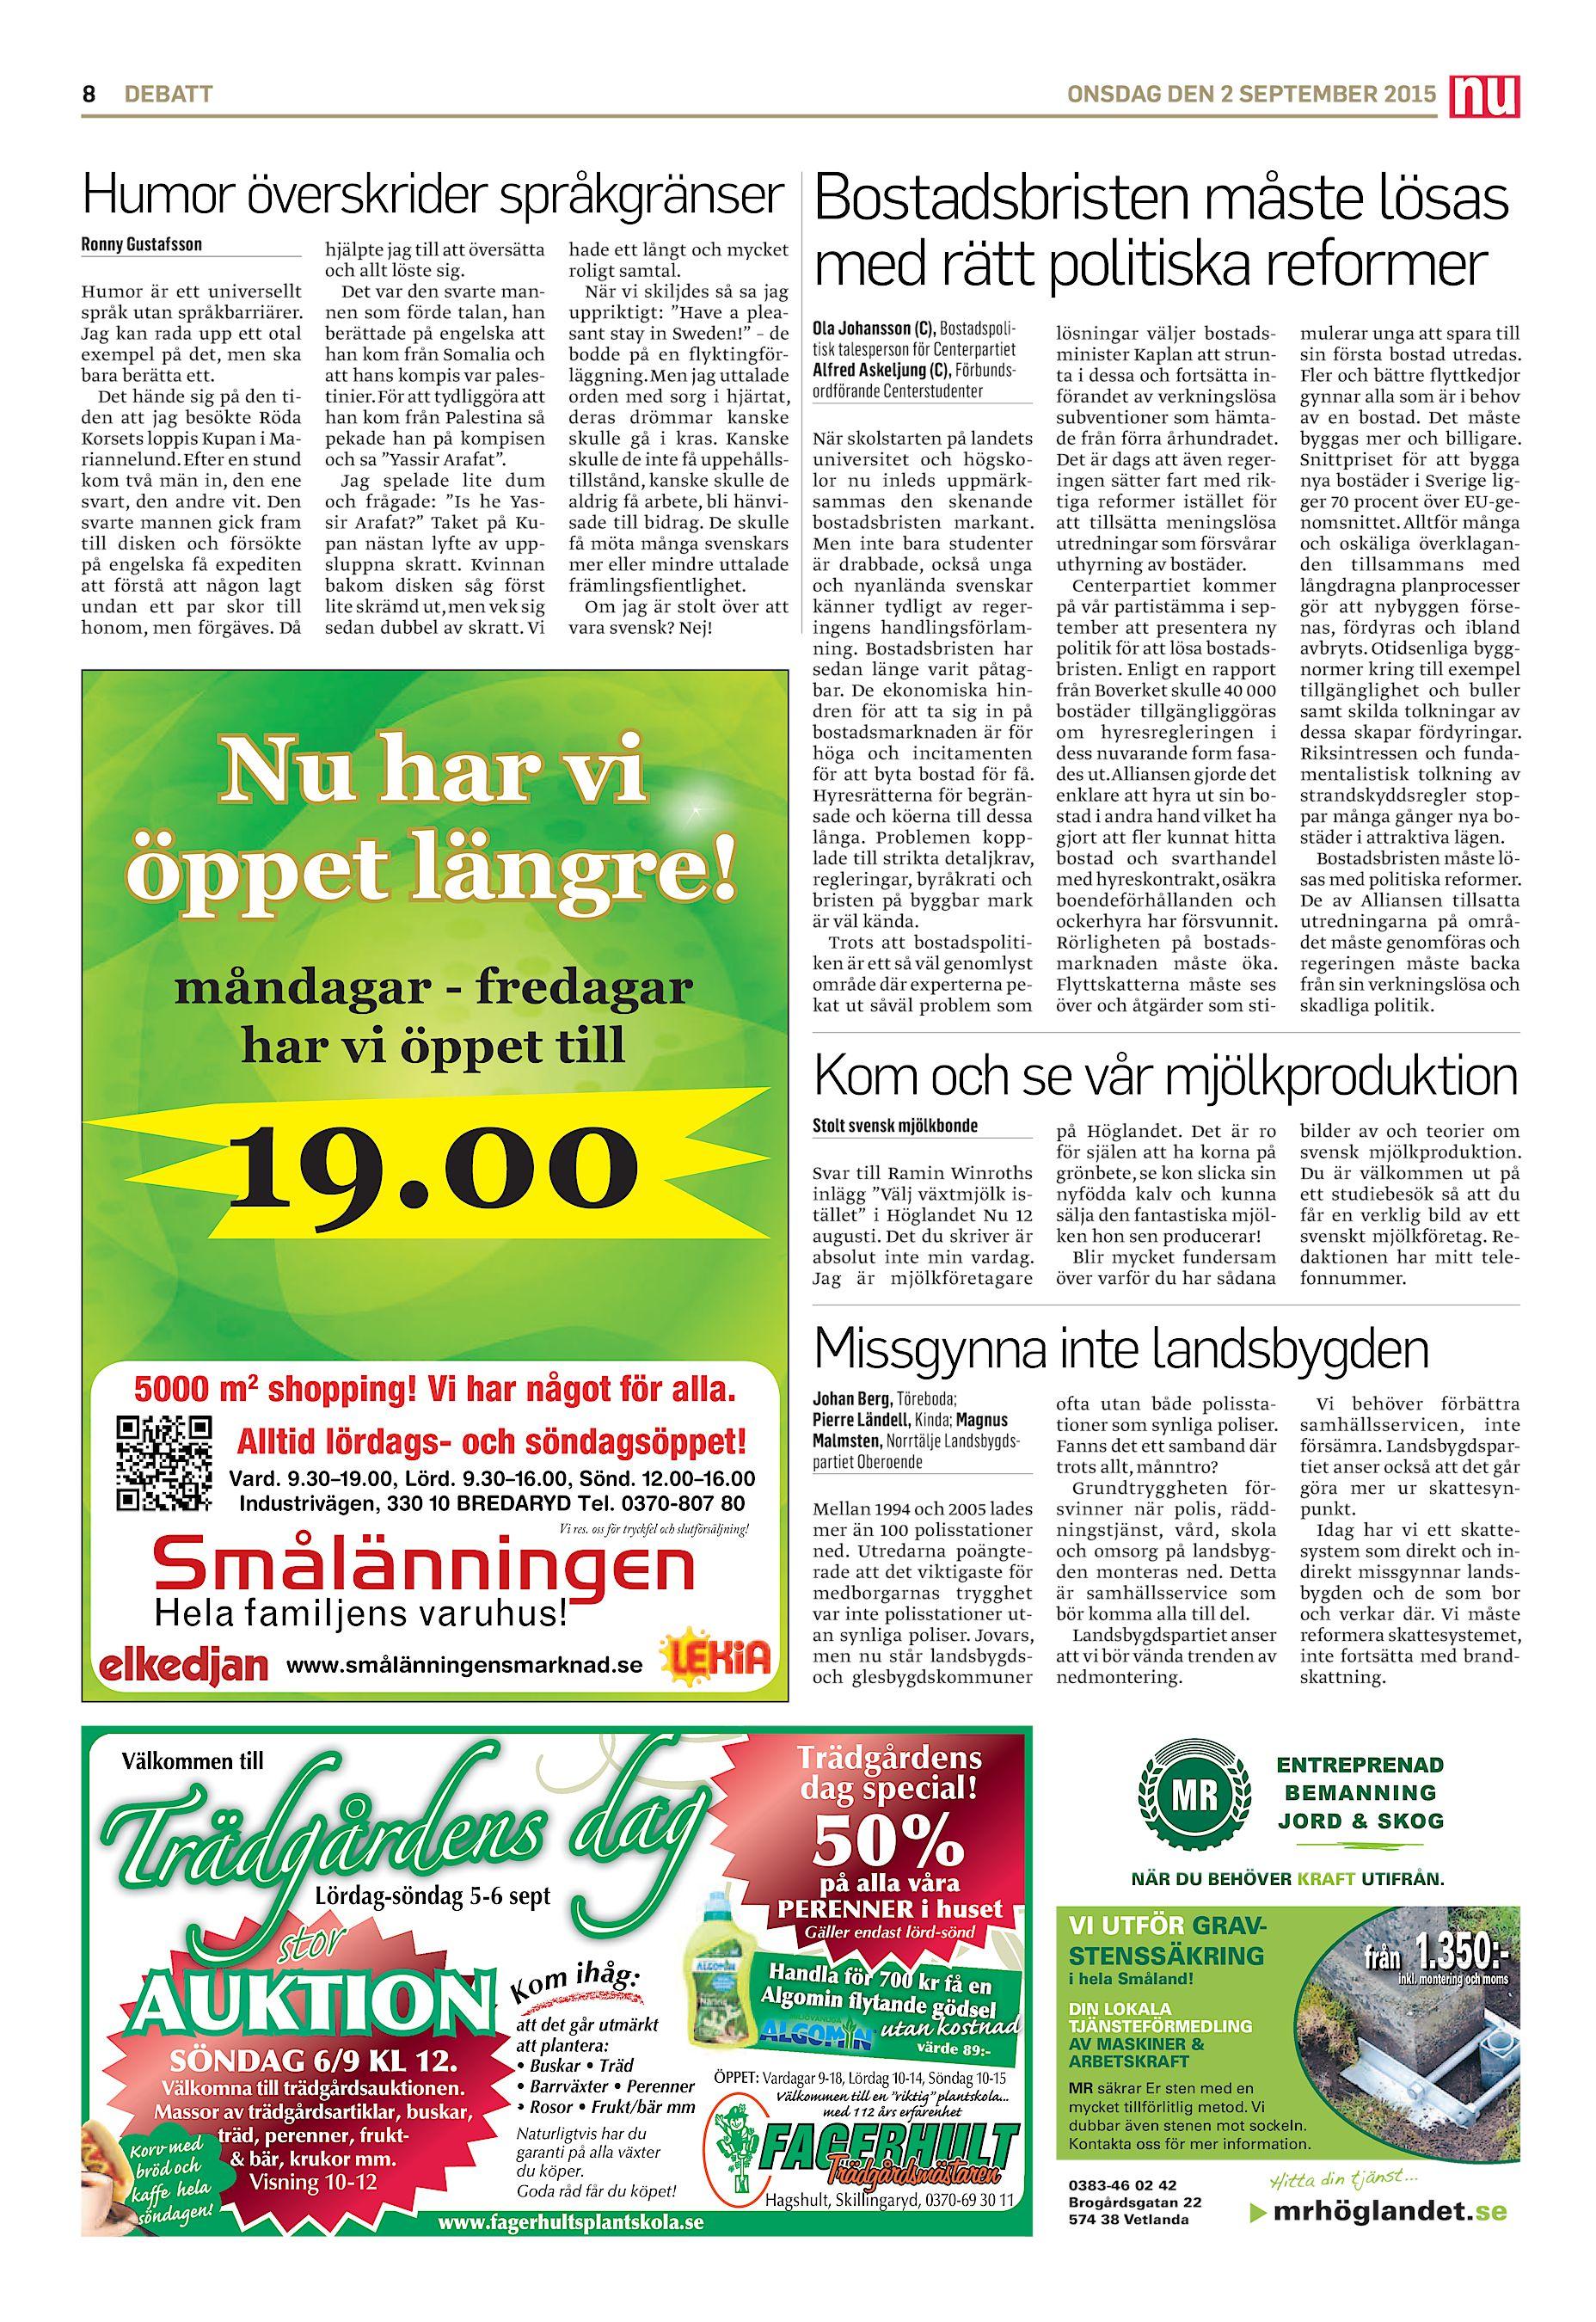 Gratis Dejting Sverige: Index